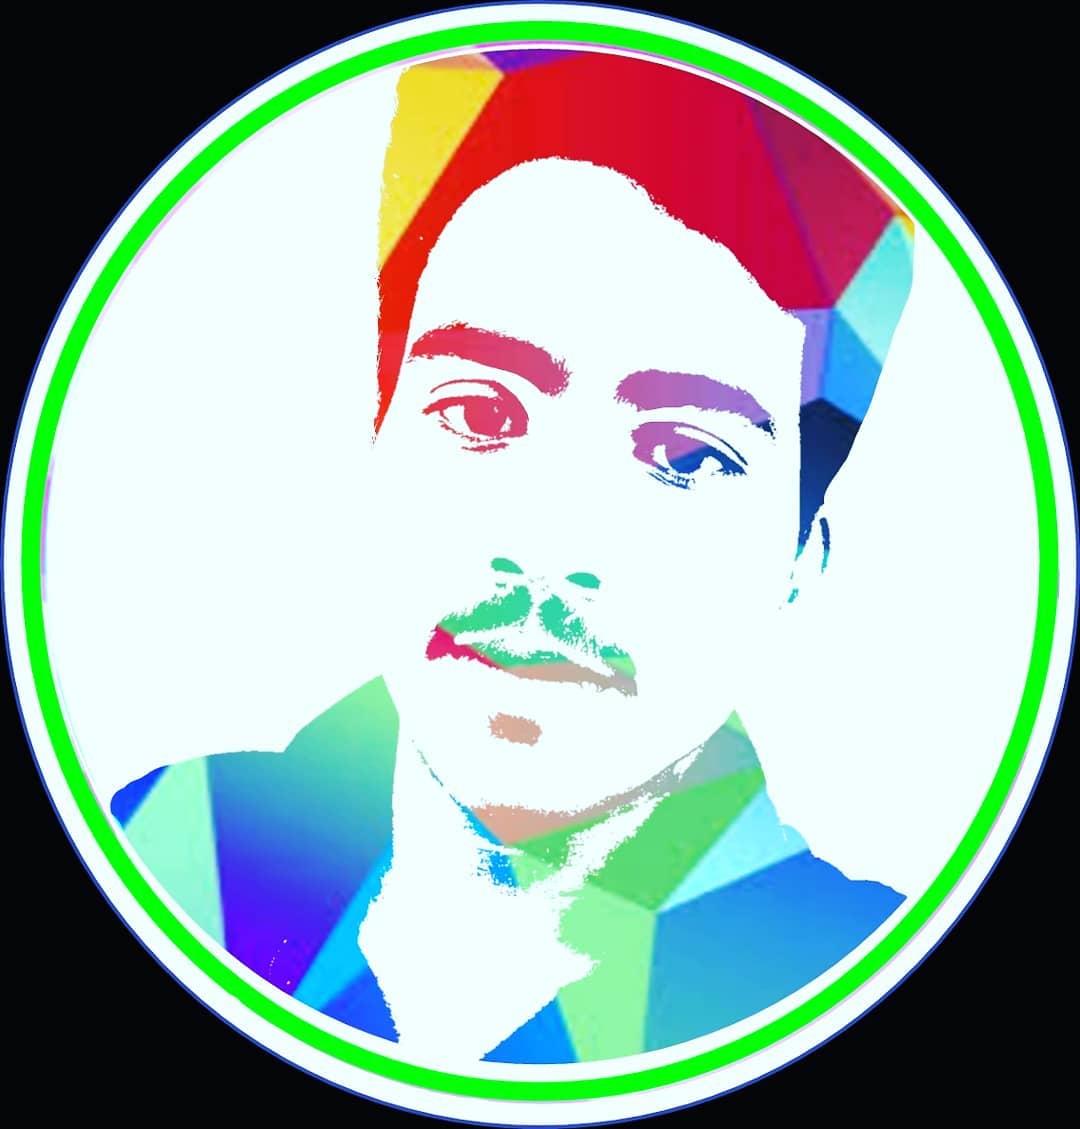 PK Nohwar